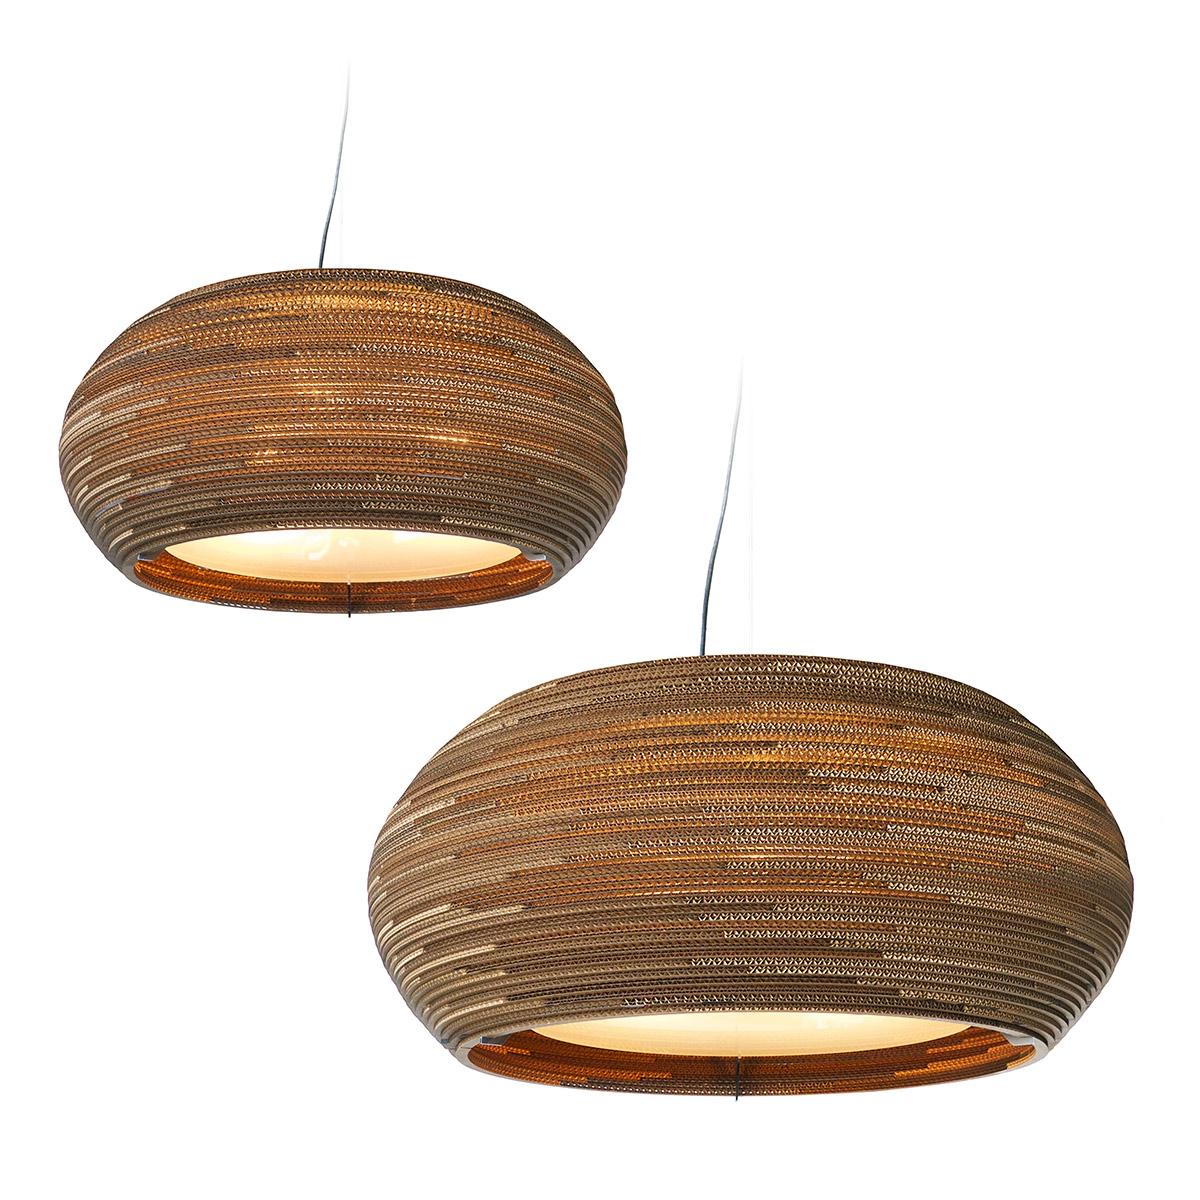 wundersch ne design pendelleuchte zur stimmungsvollen tisch und raumbeleuchtung von graypants. Black Bedroom Furniture Sets. Home Design Ideas